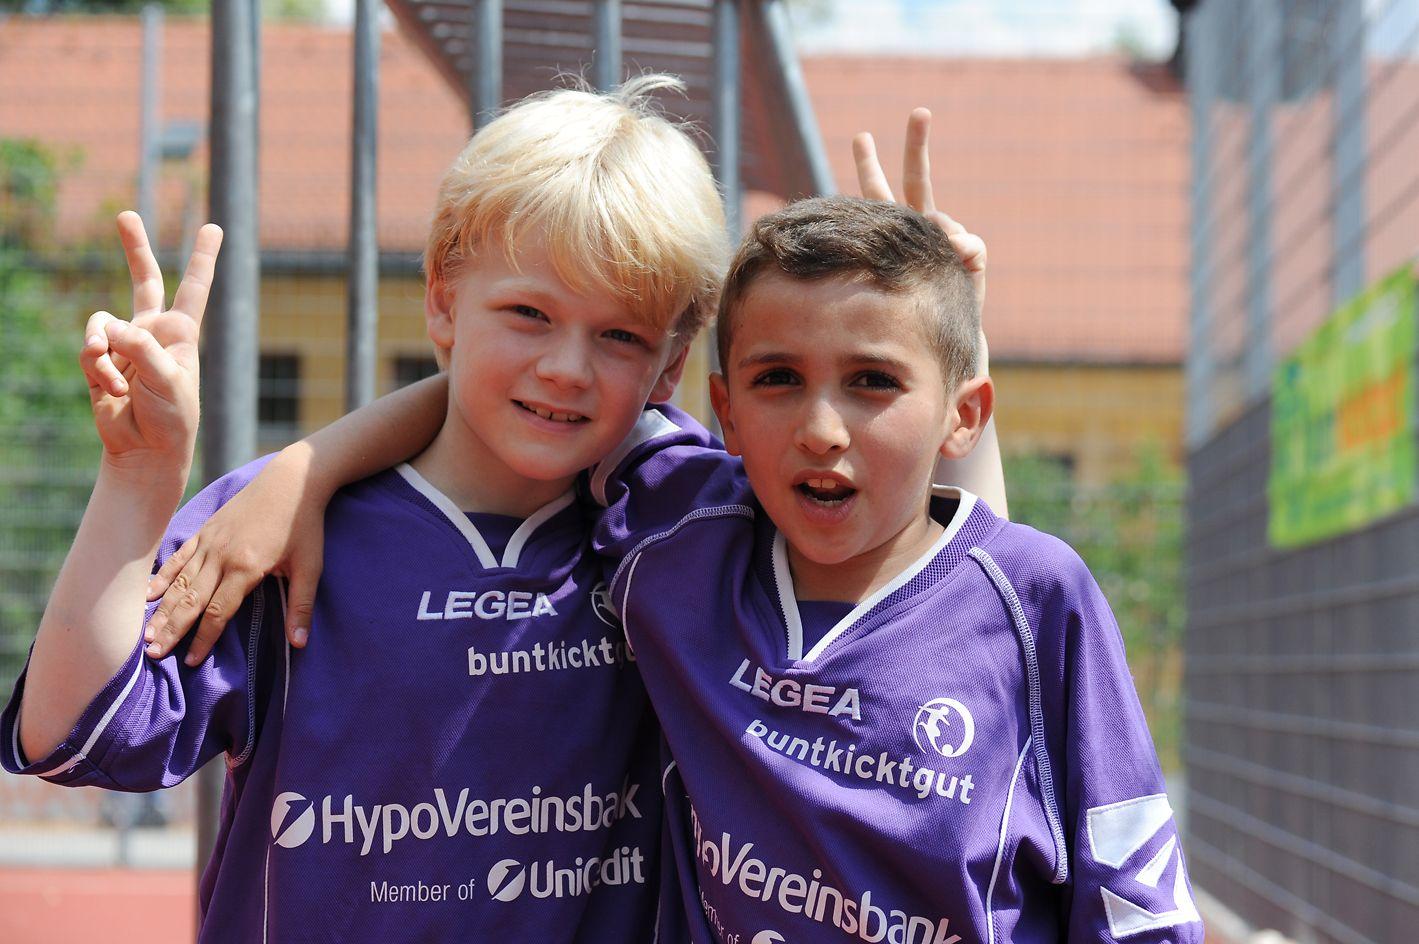 Die soziale Initiative Buntkicktgut organisiert Straßenfußball für Kinder und Jugendliche verschiedener kultureller und nationaler Herkünfte.